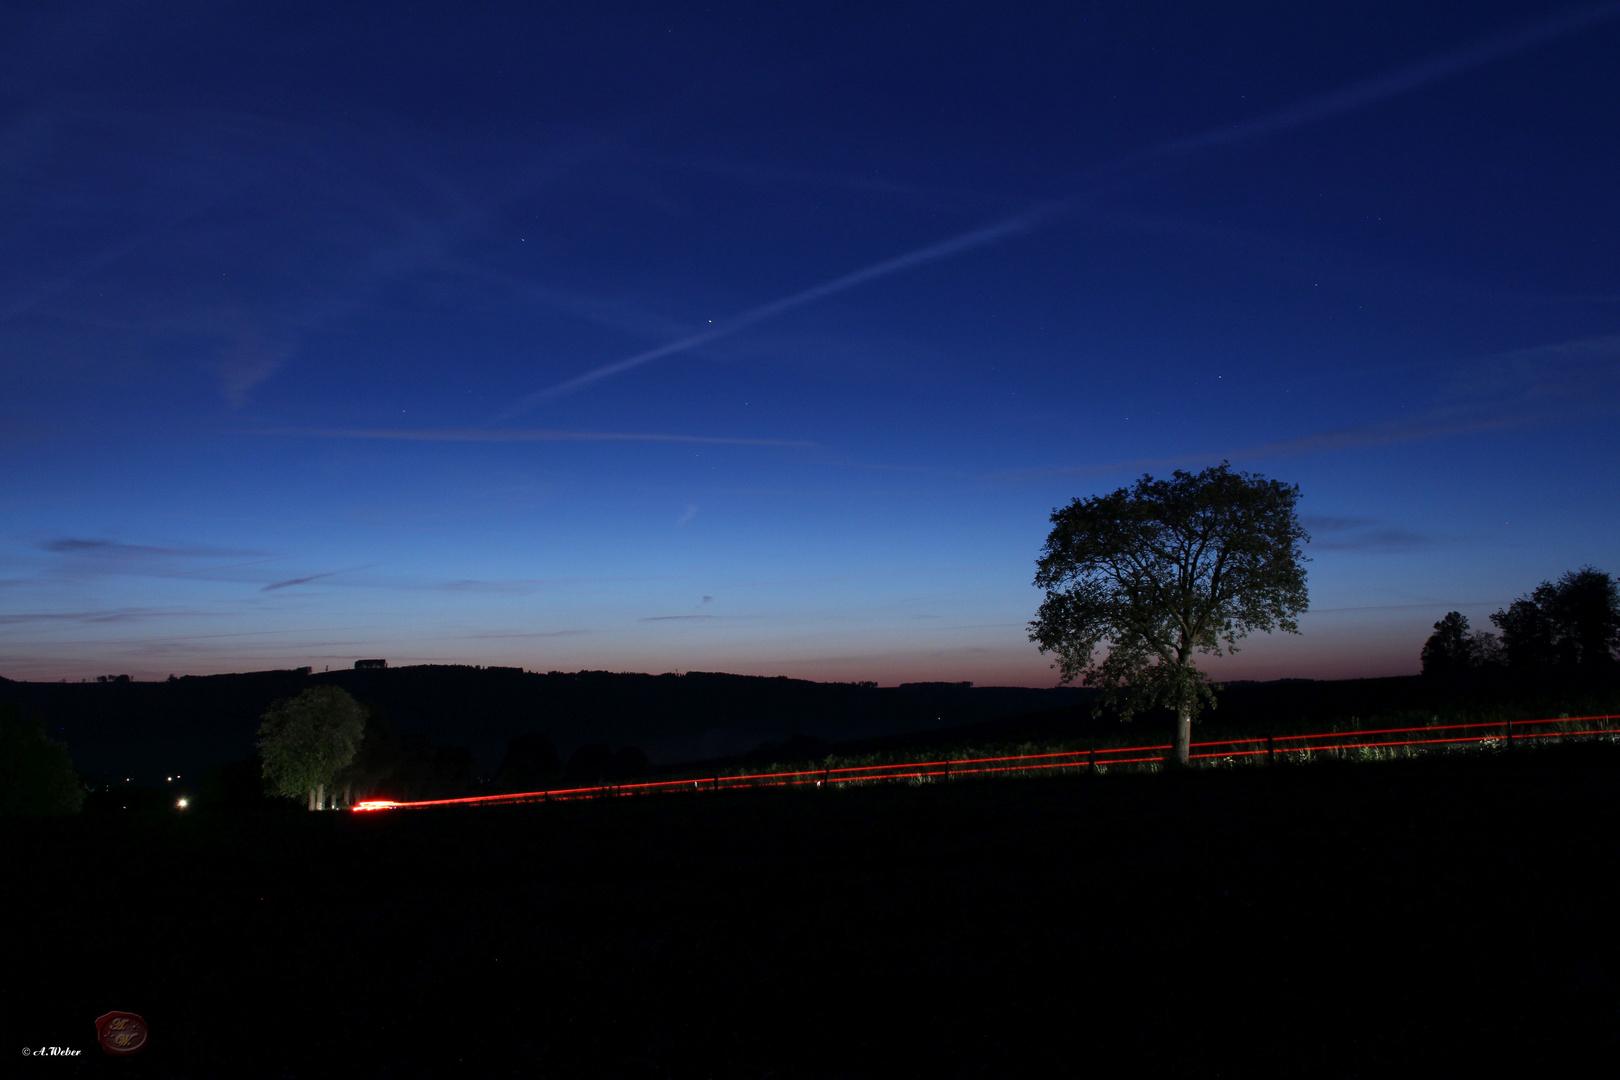 Sonnenuntergang in der nähe von Affeln NRW